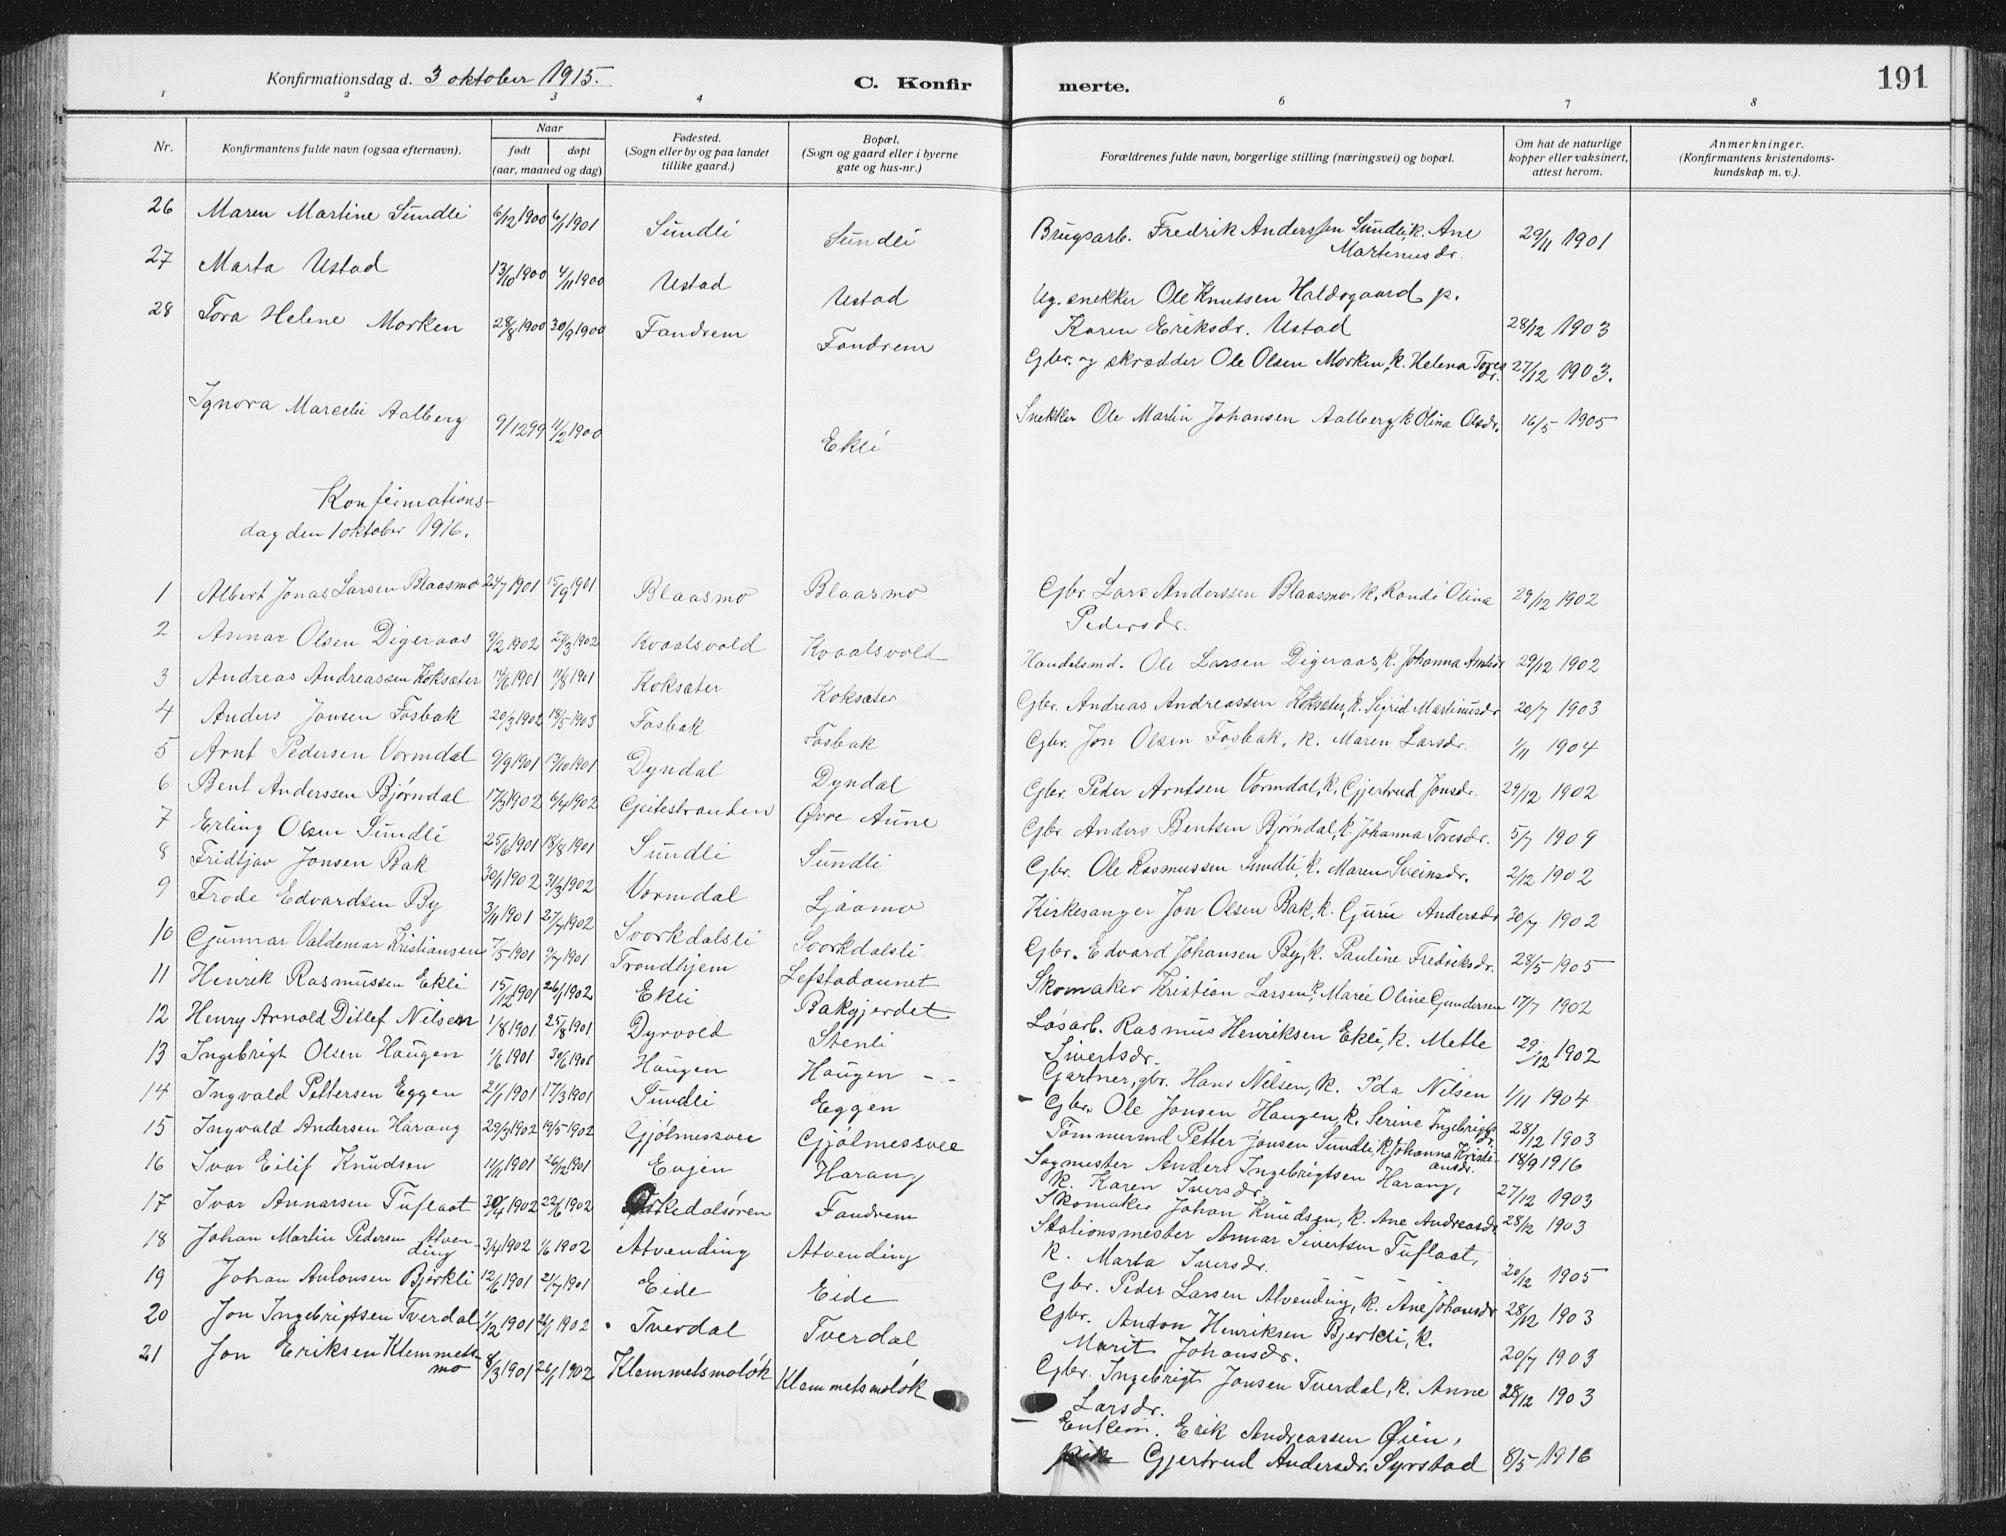 SAT, Ministerialprotokoller, klokkerbøker og fødselsregistre - Sør-Trøndelag, 668/L0820: Klokkerbok nr. 668C09, 1912-1936, s. 191